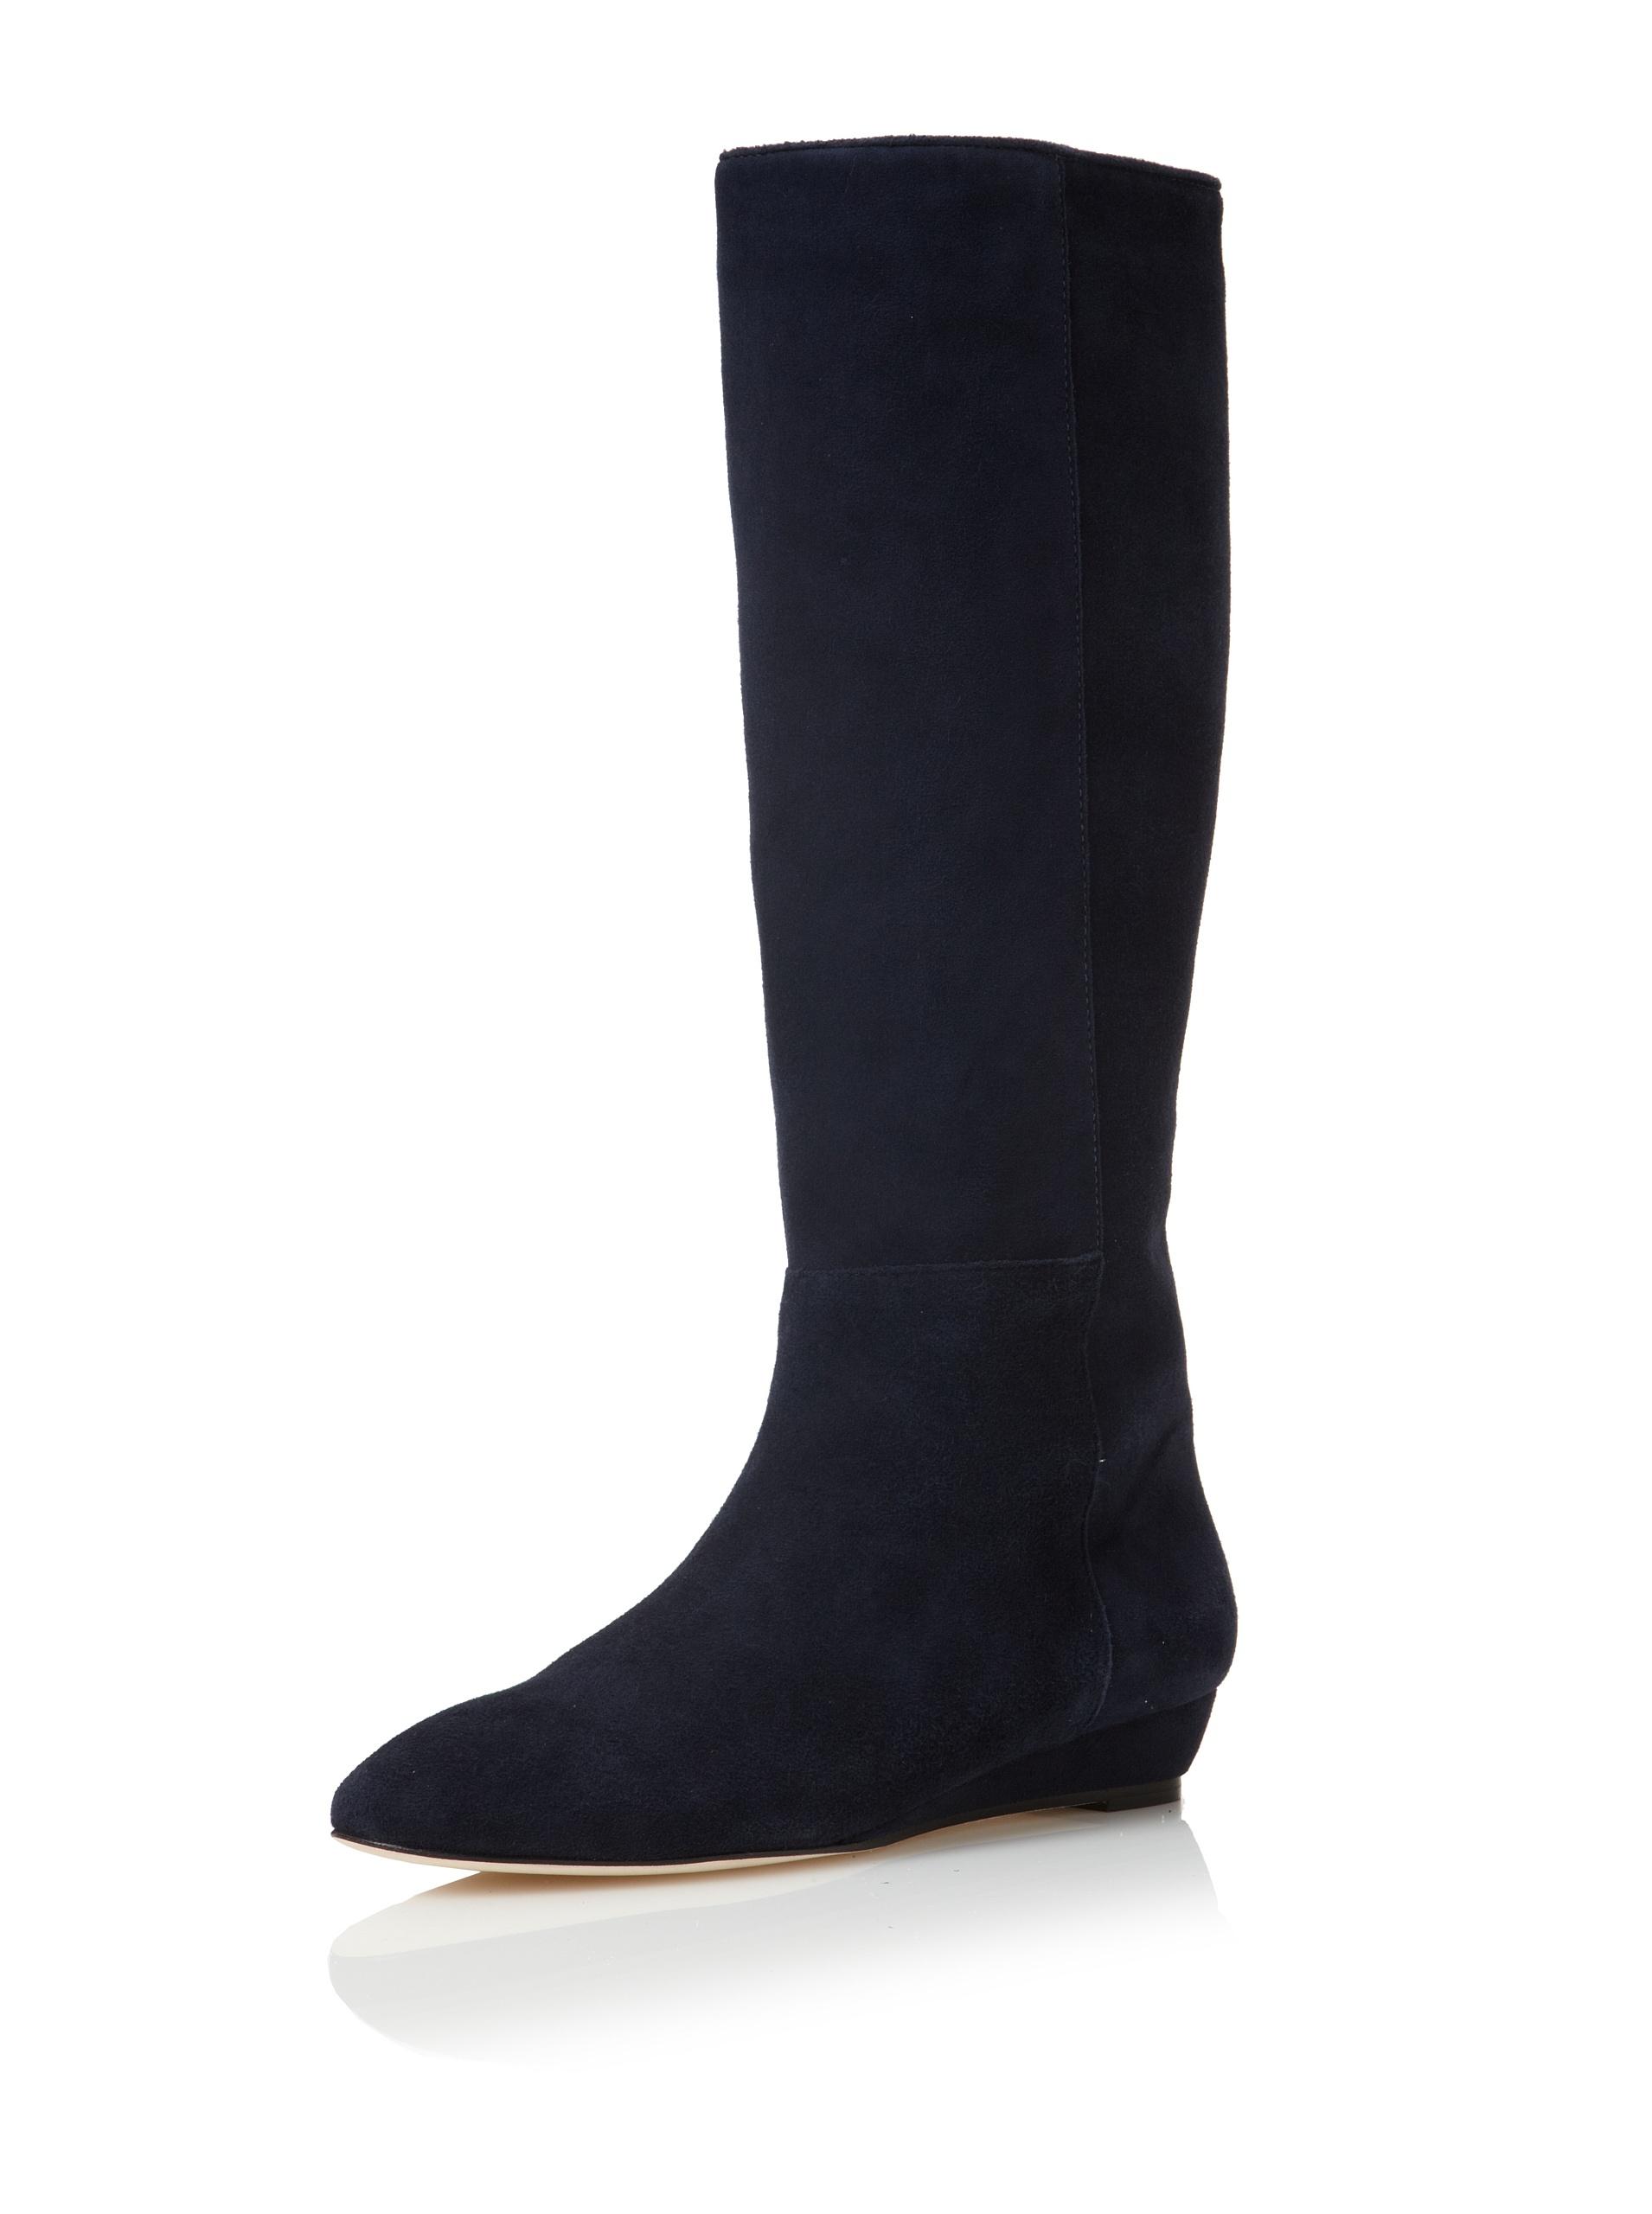 Loeffler Randall Women's Matilde Flat Boot (Navy)